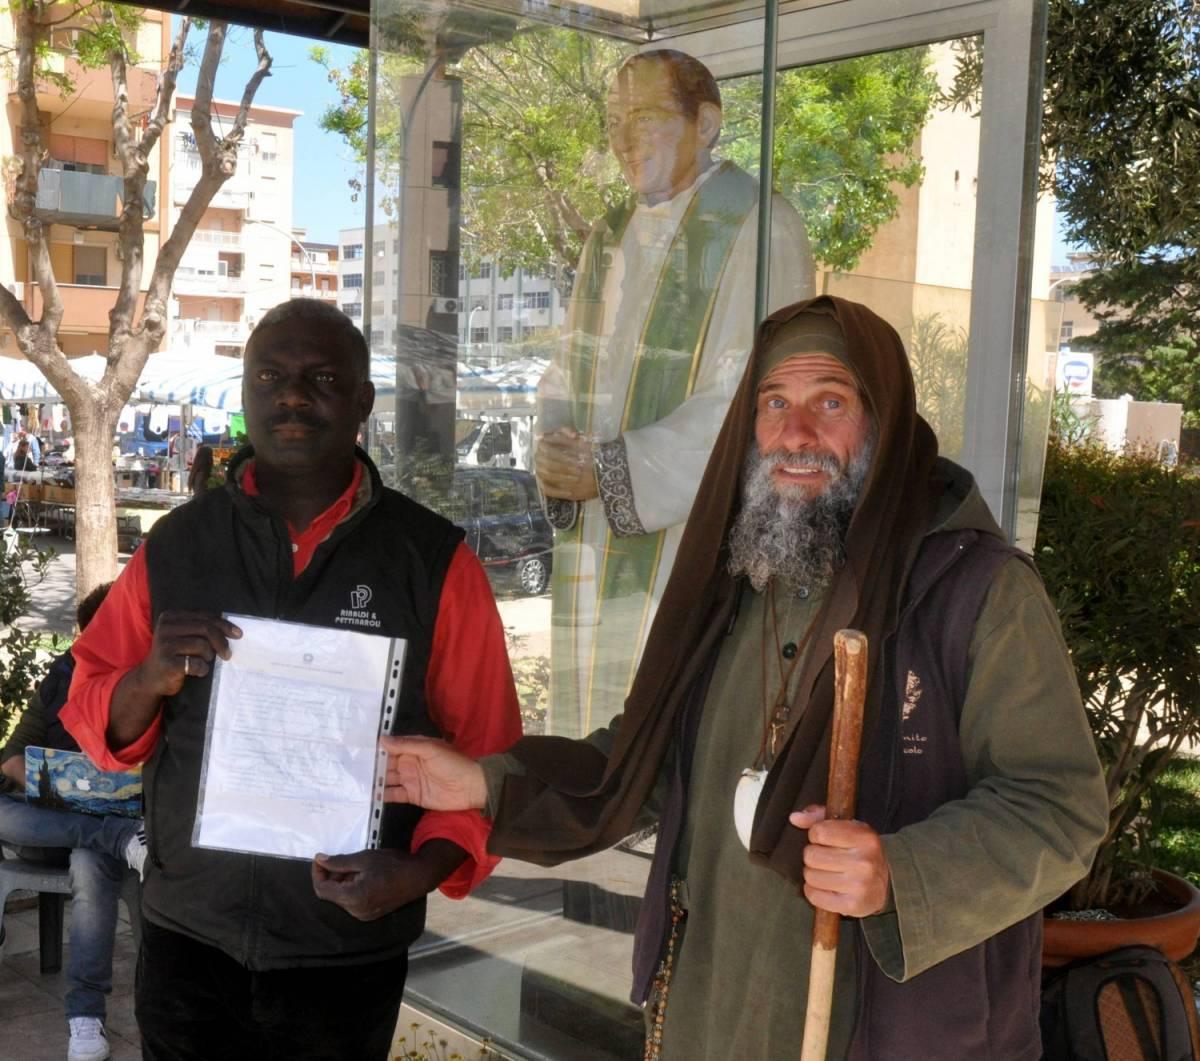 Da diciassette anni in Italia, ma rischia l'espulsione. Il frate missionario Biagio Conte inizia il digiuno